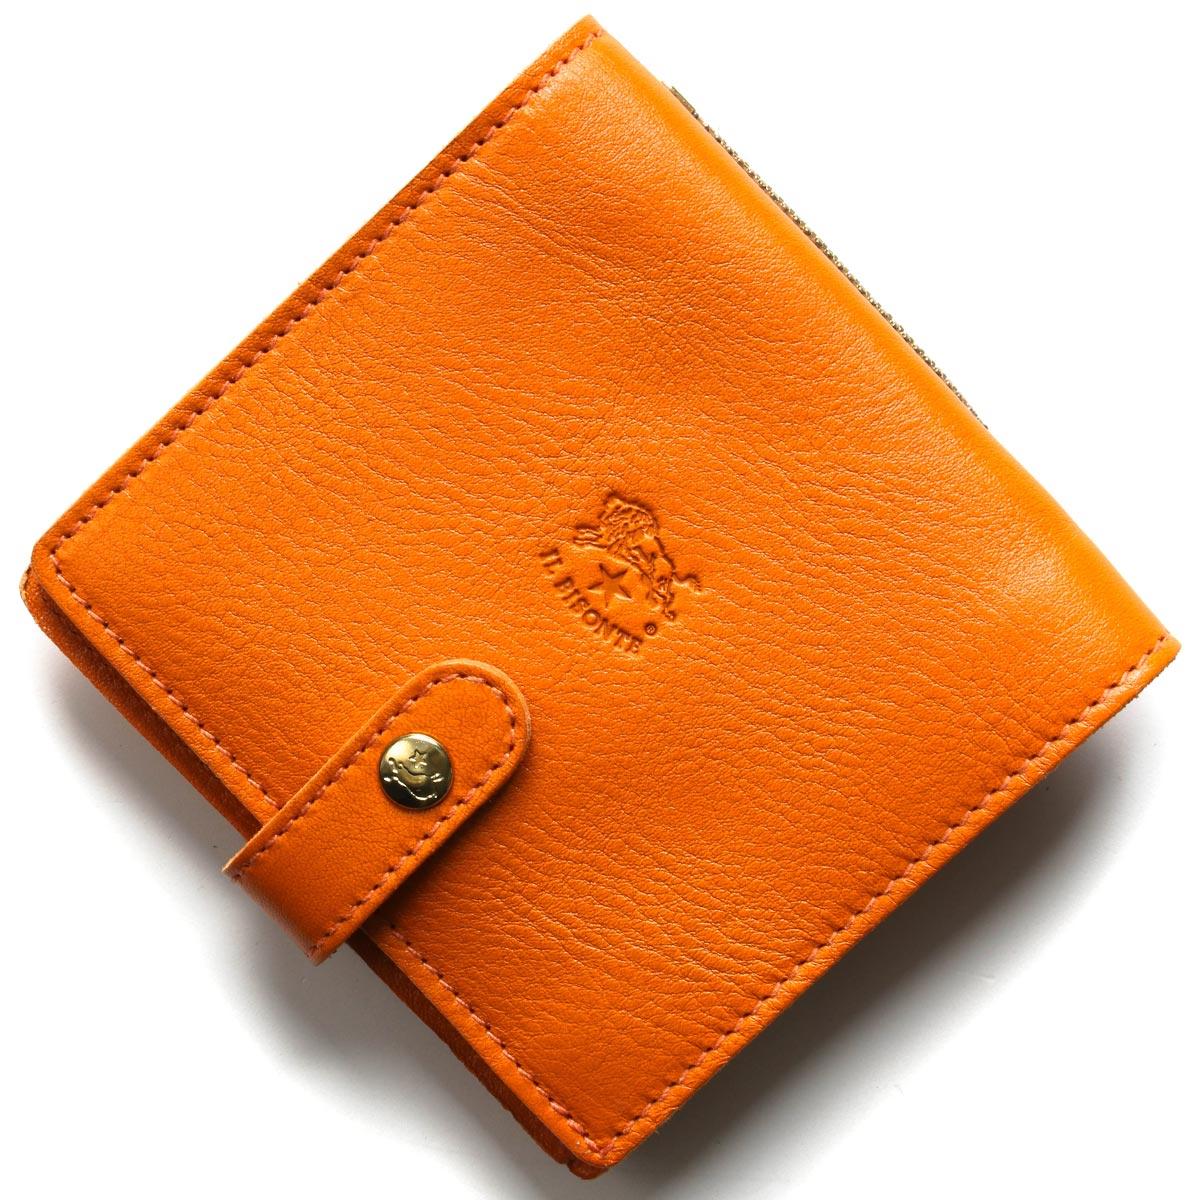 イルビゾンテ 二つ折り財布 財布 メンズ レディース スタンダード オレンジ C0962 P 166 IL BISONTE